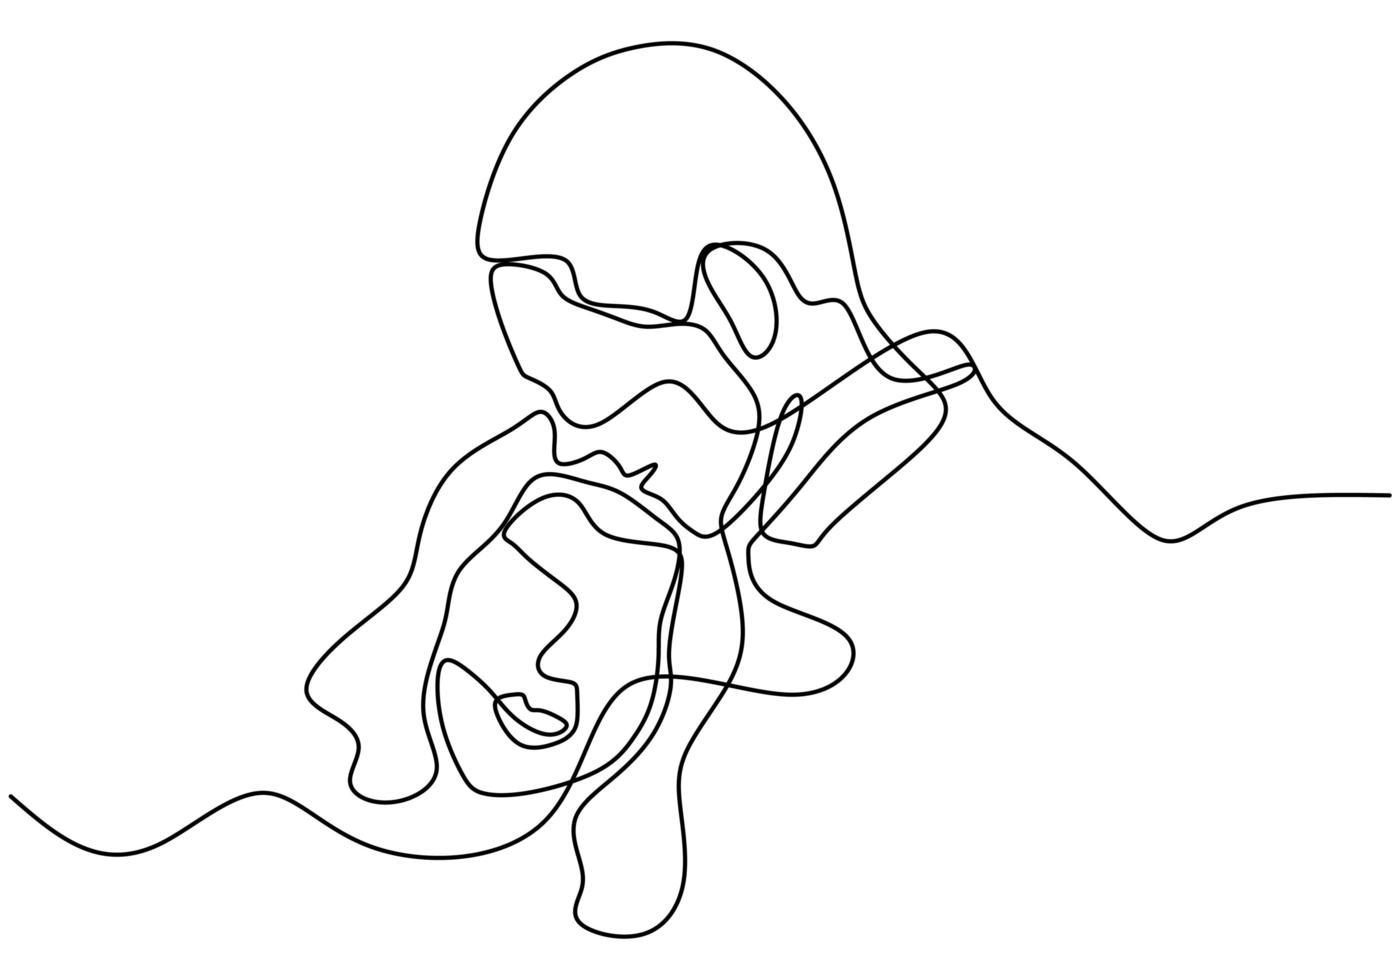 un dessin au trait de couple amoureux. portrait d'homme et de femme en relation. vecteur